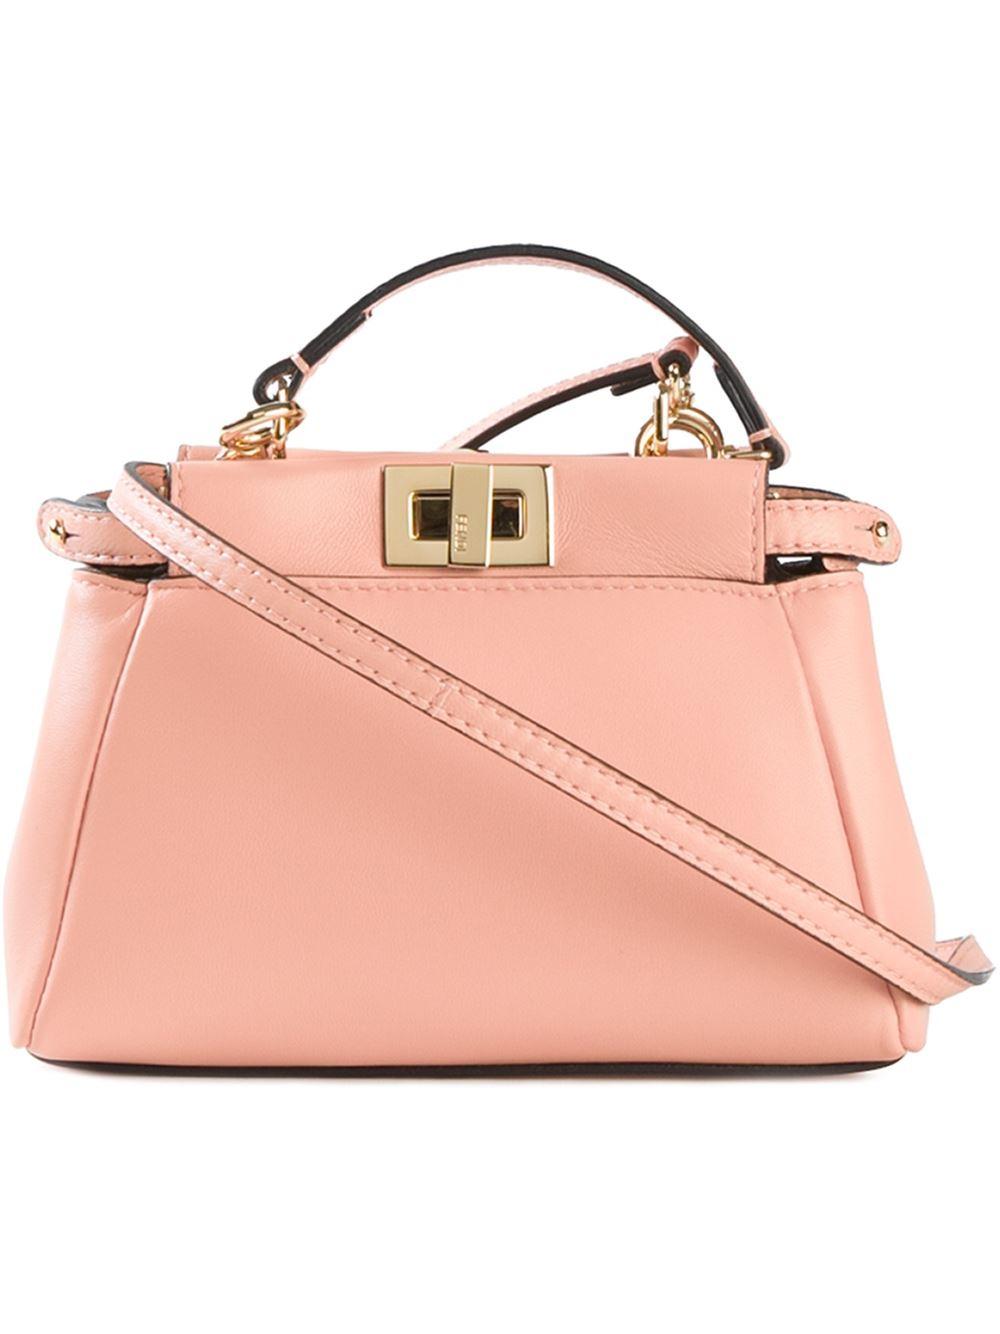 30c49b1374 Lyst - Fendi Micro  Peekaboo  Tote in Pink